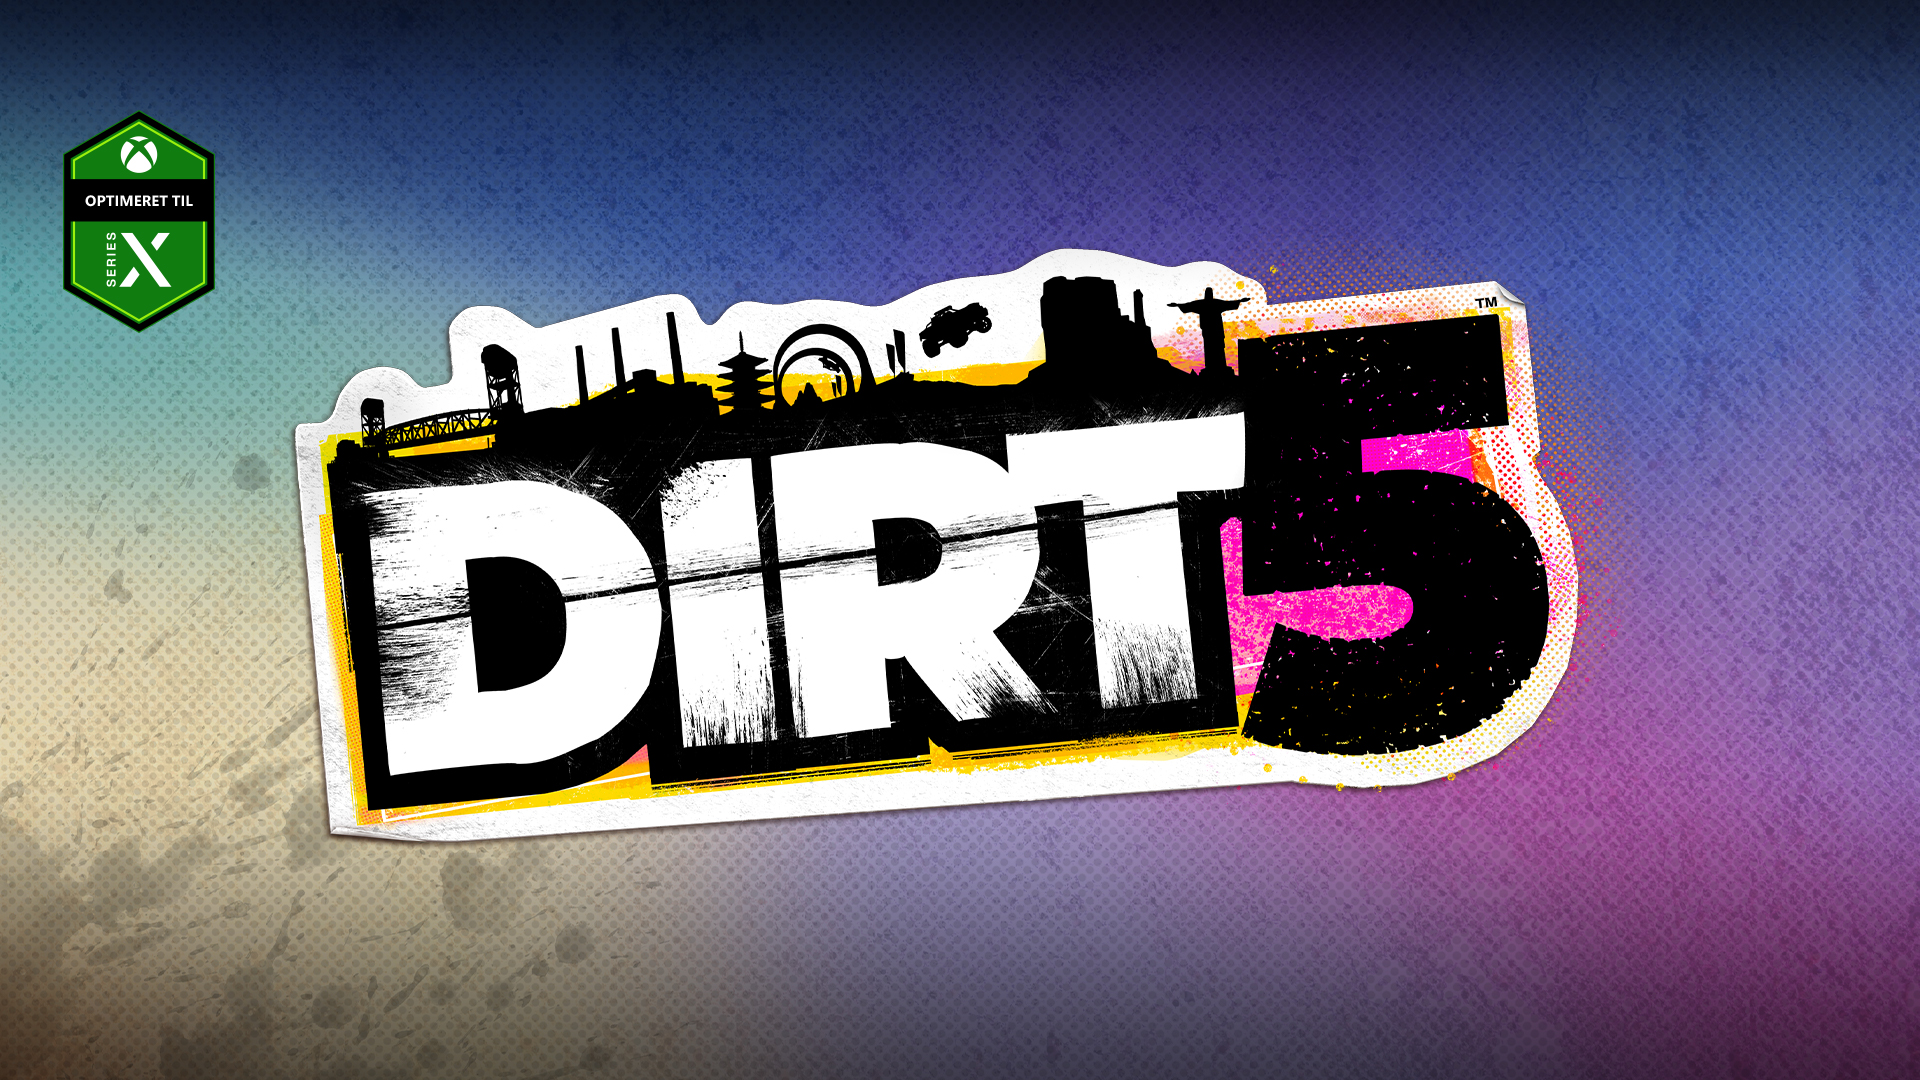 Optimeret til Series X-logo, DIRT 5-logo på en farverig baggrund